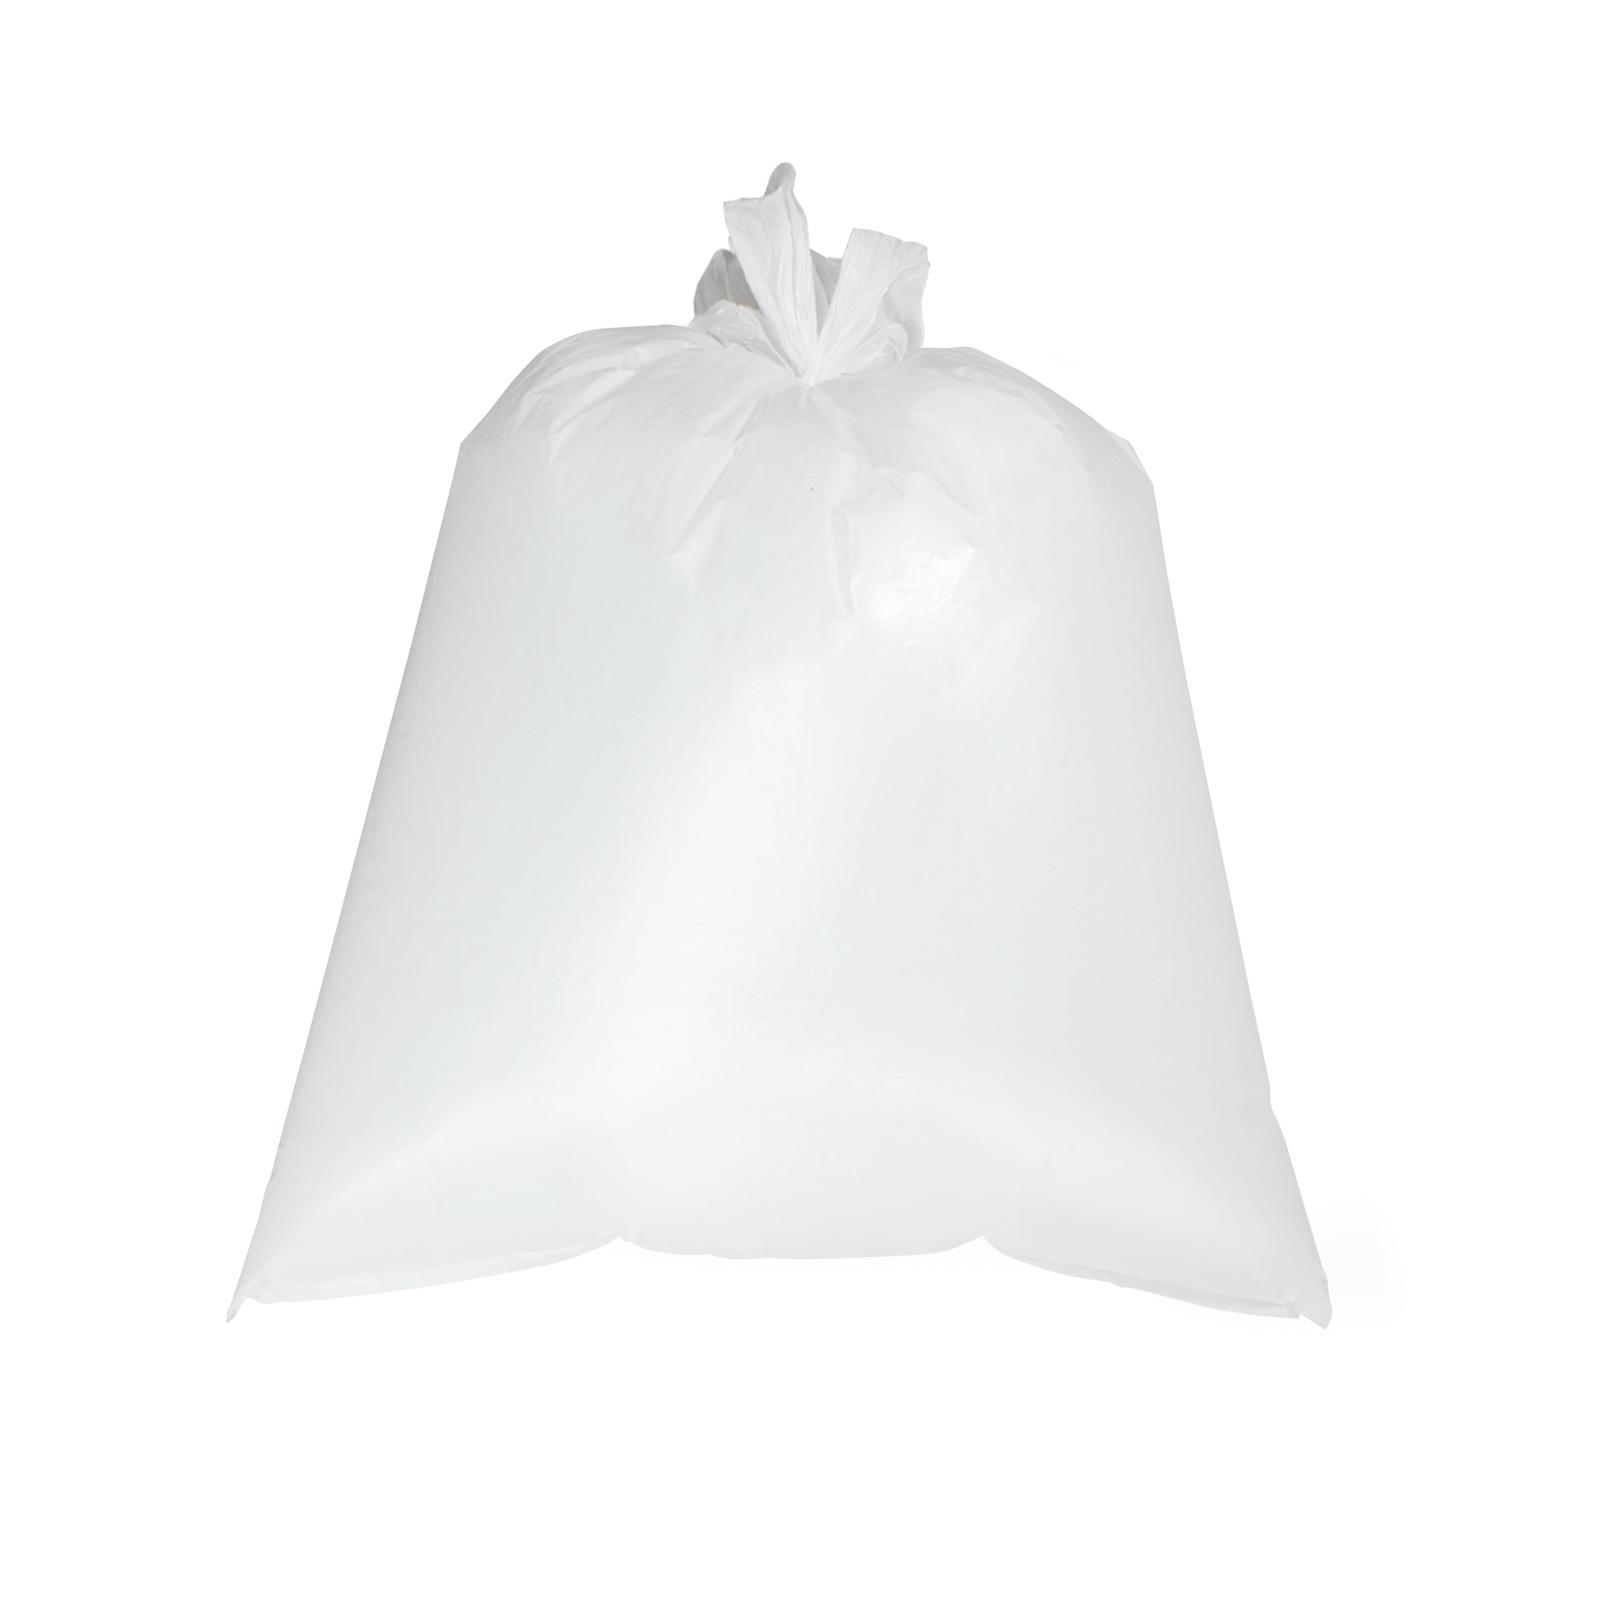 킹스봉 평판형 분리수거 비닐 봉투 백색, 20L, 100개